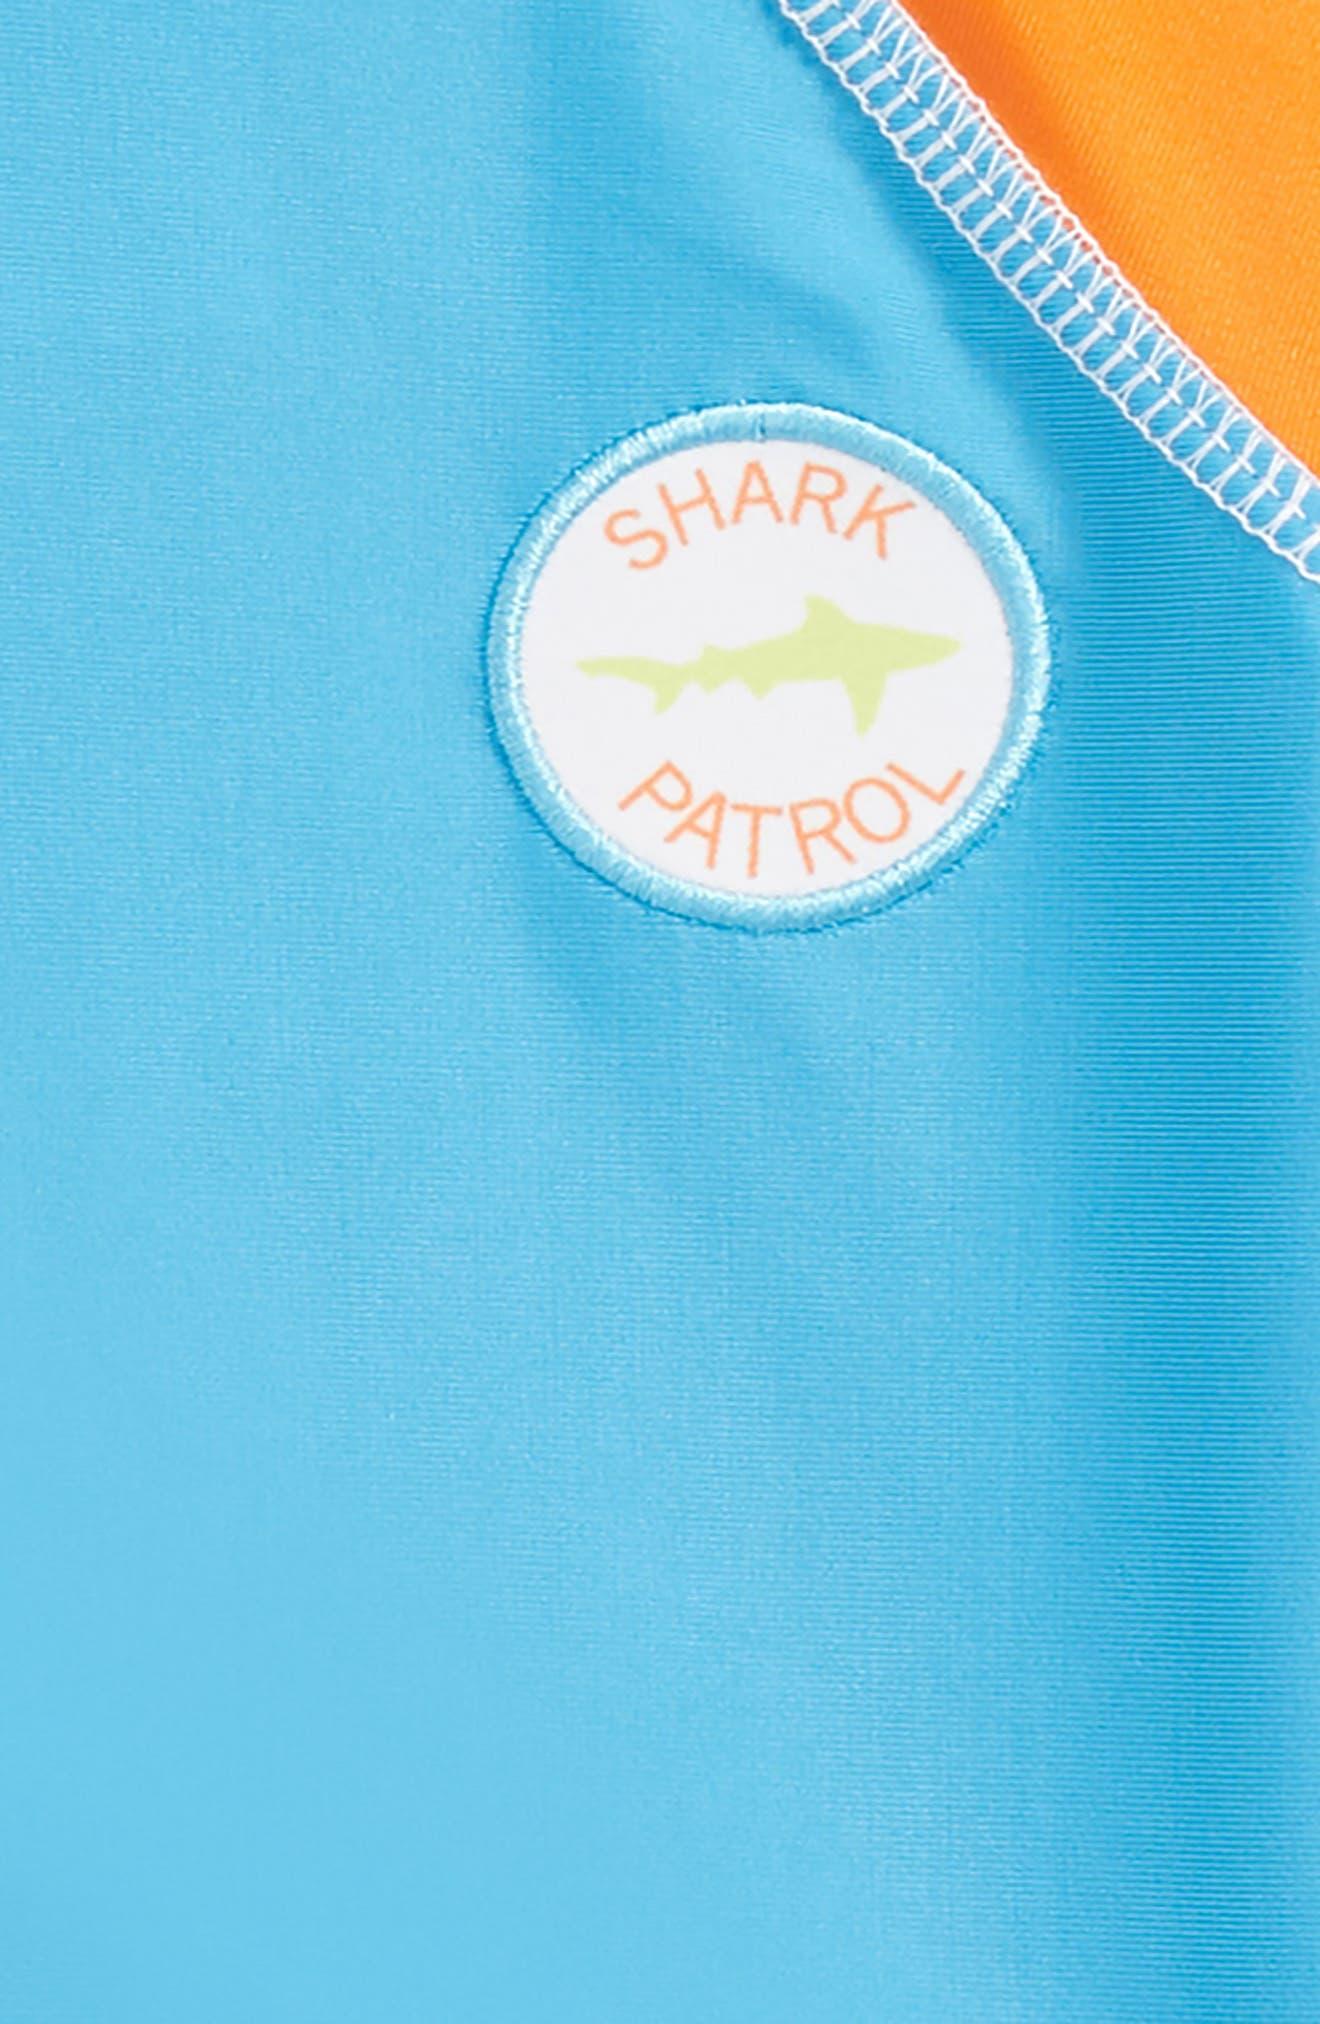 Shark Illusion Two-Piece Rashguard Swimsuit,                             Alternate thumbnail 2, color,                             Blue Multi